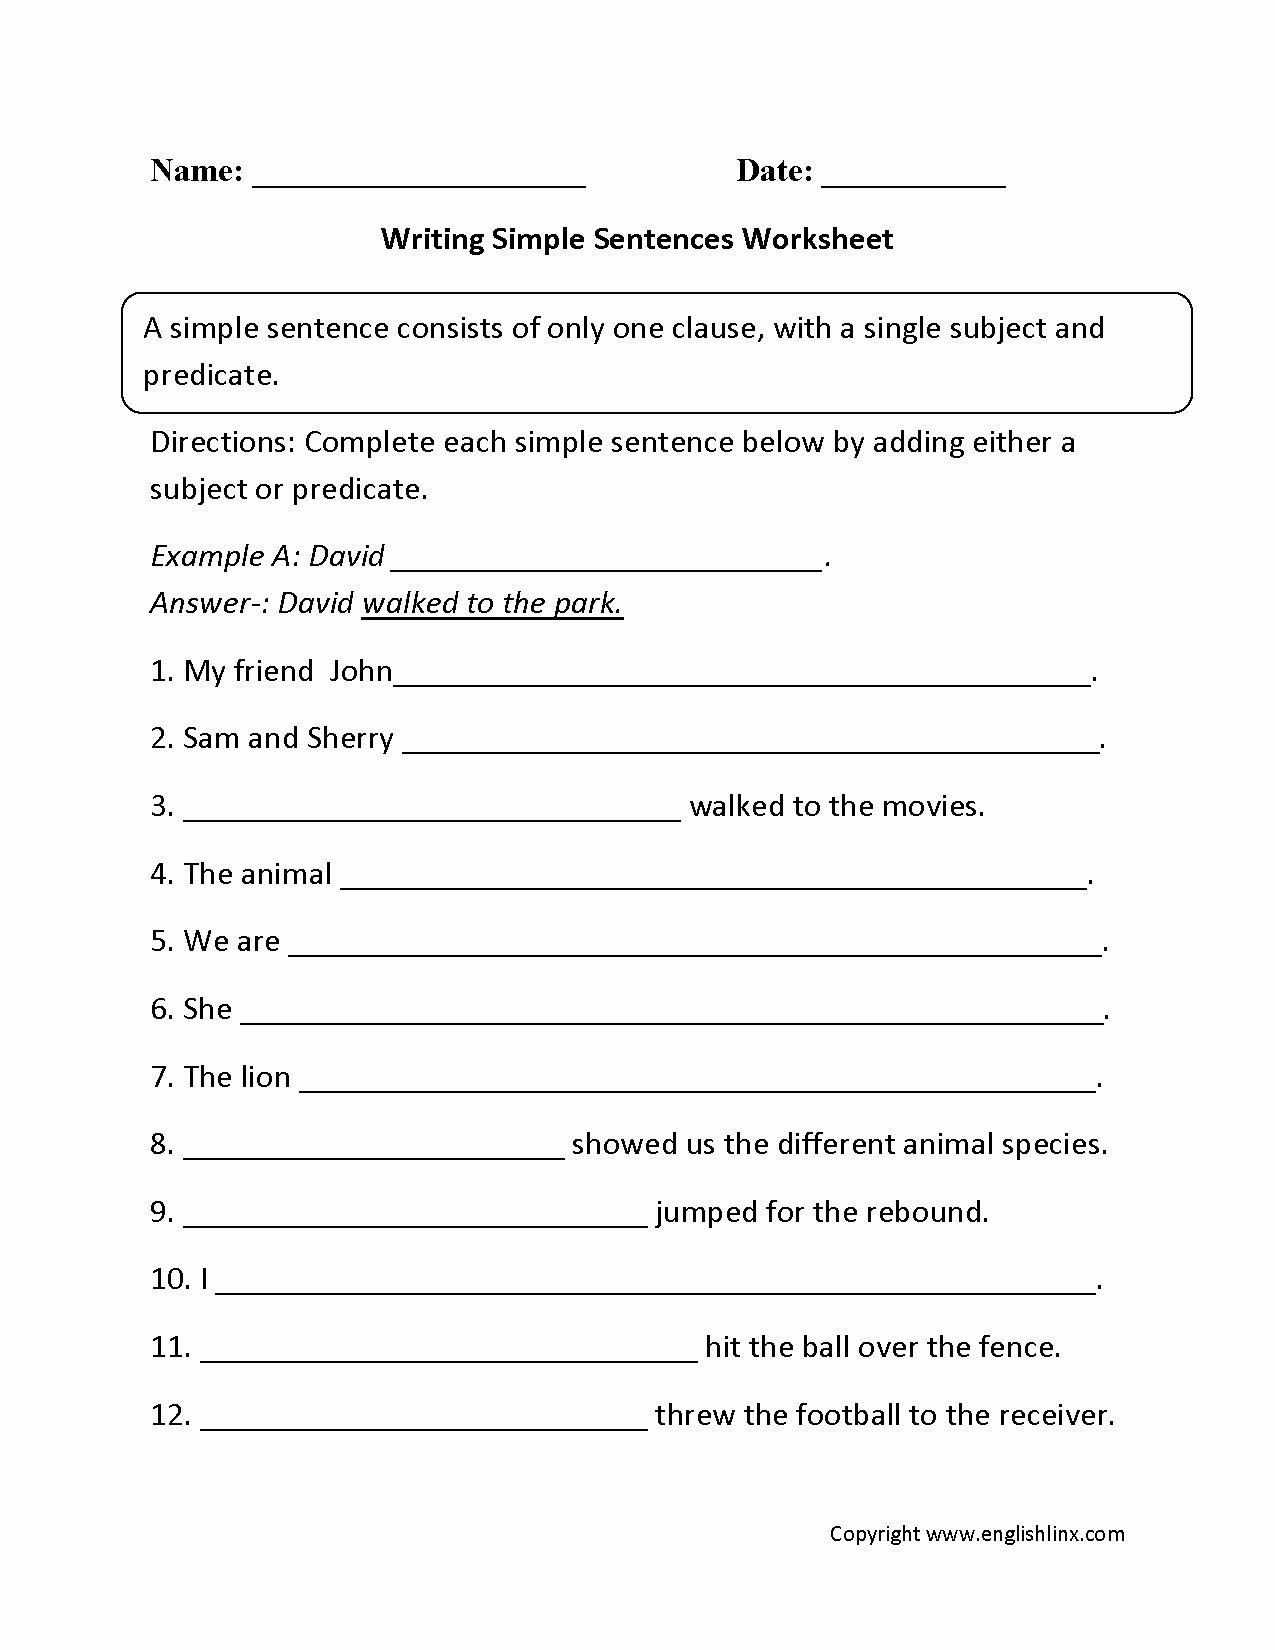 Paraphrasing Worksheets for Middle School Ideas Easy Paraphrasing Worksheets